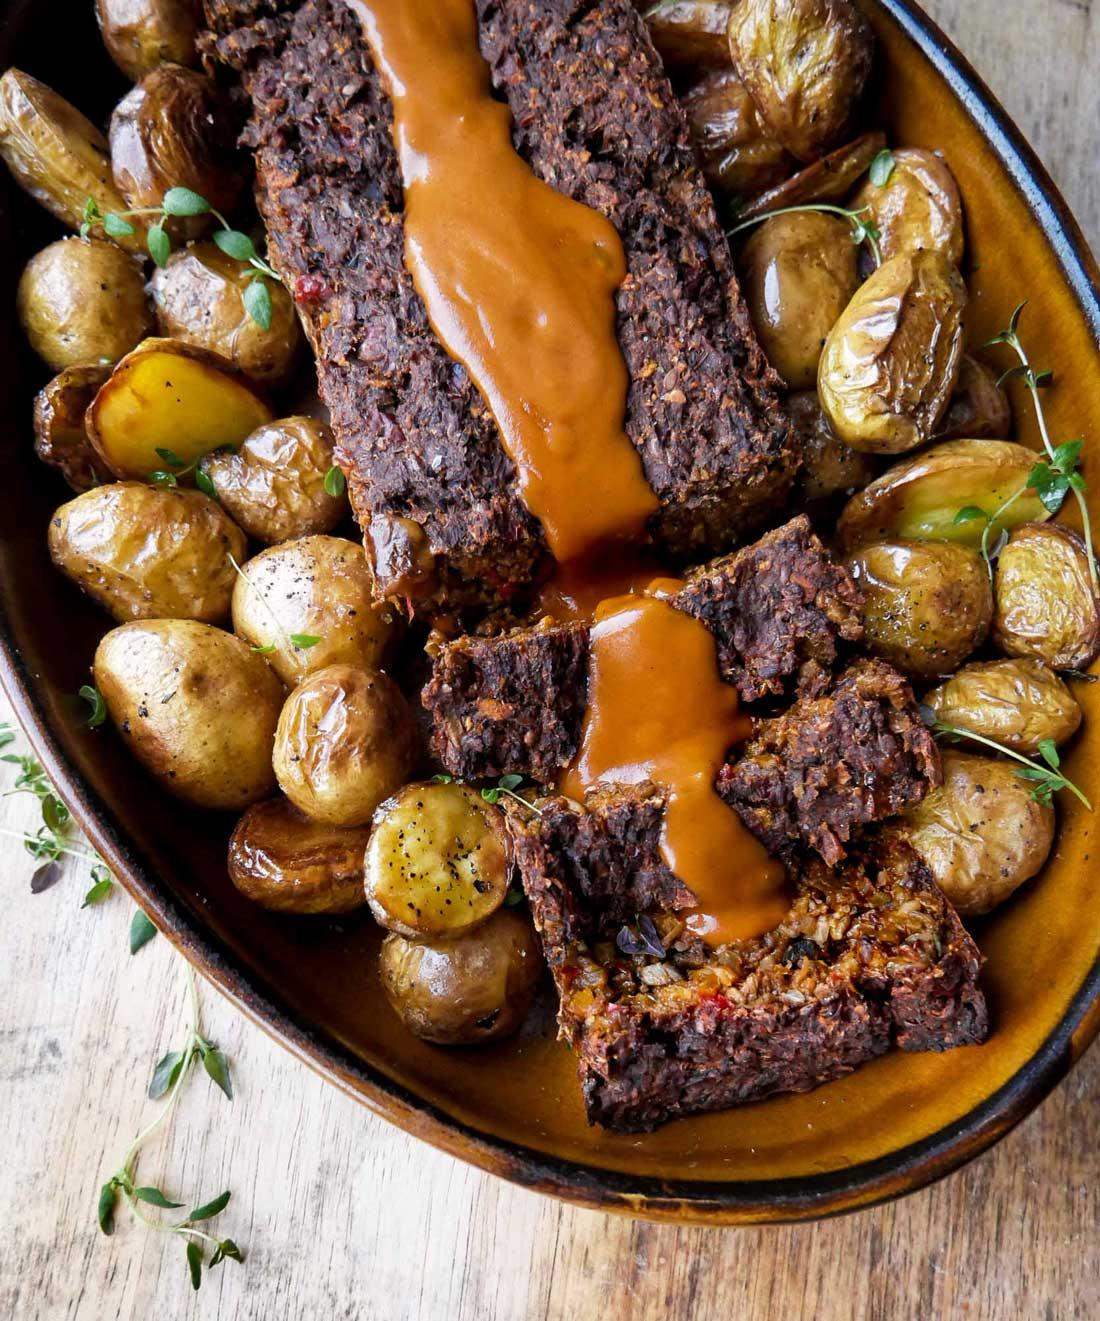 plante steg med kartofler og sauce